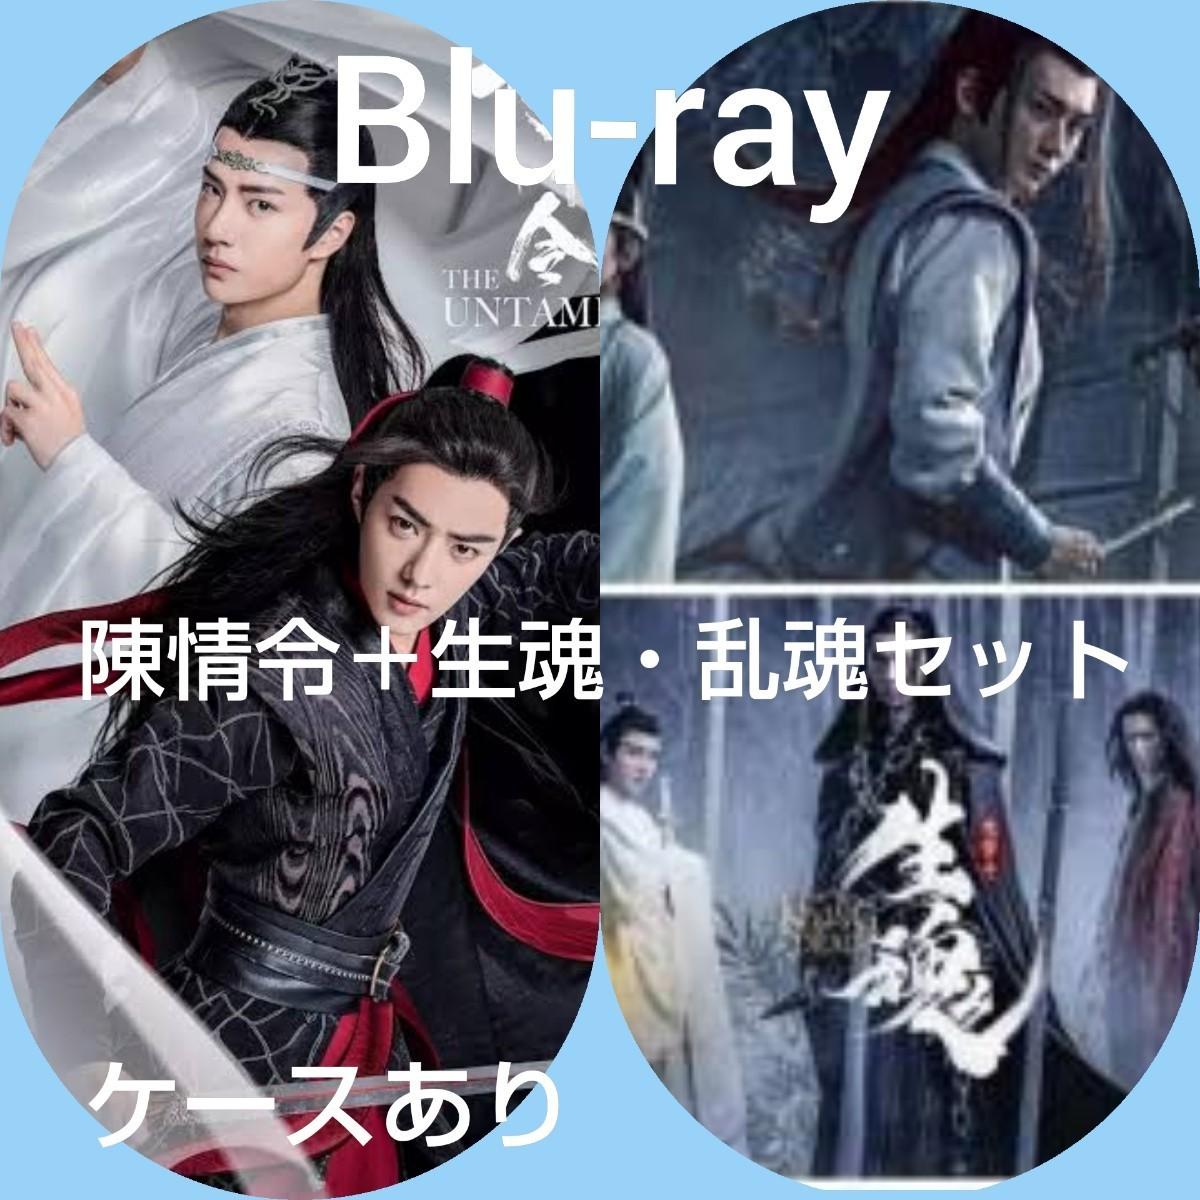 中国ドラマ 陳情令 全話 + 陳情令スピンオフ映画 生魂・乱魂セット Blu-ray